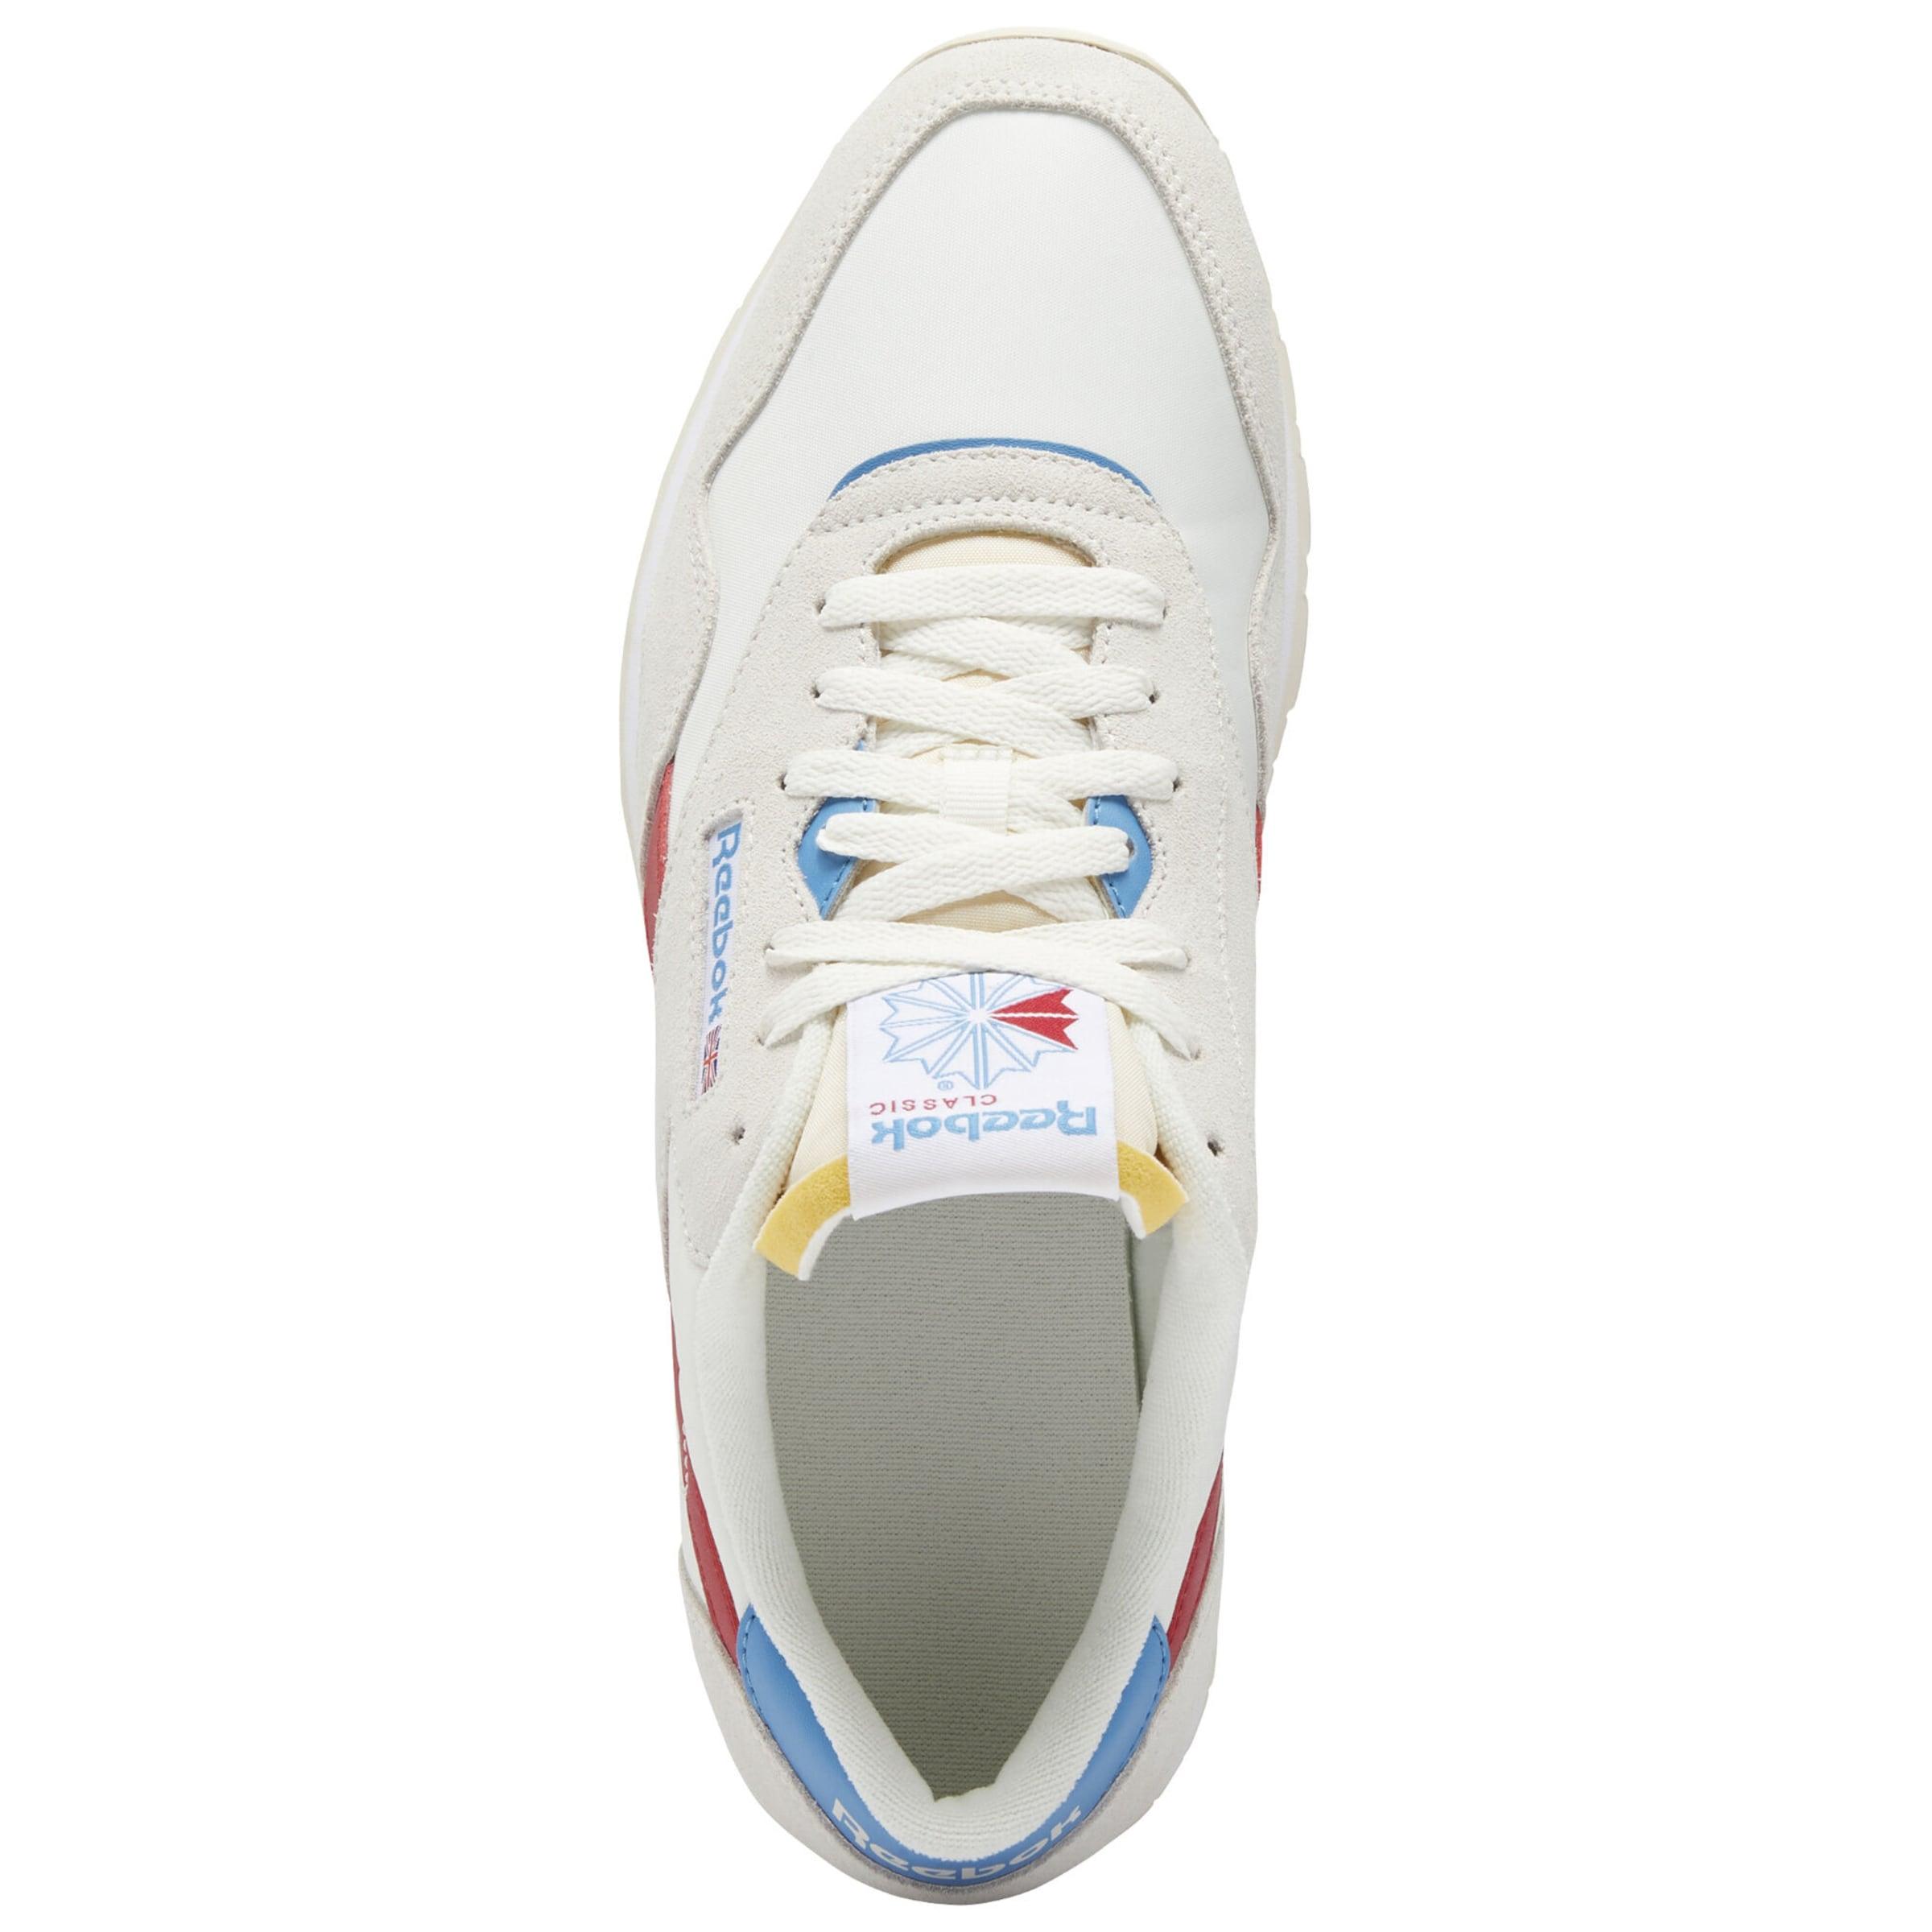 Reebok Weiß In In Sneaker Classic Classic Sneaker Reebok c4Lq5R3Aj